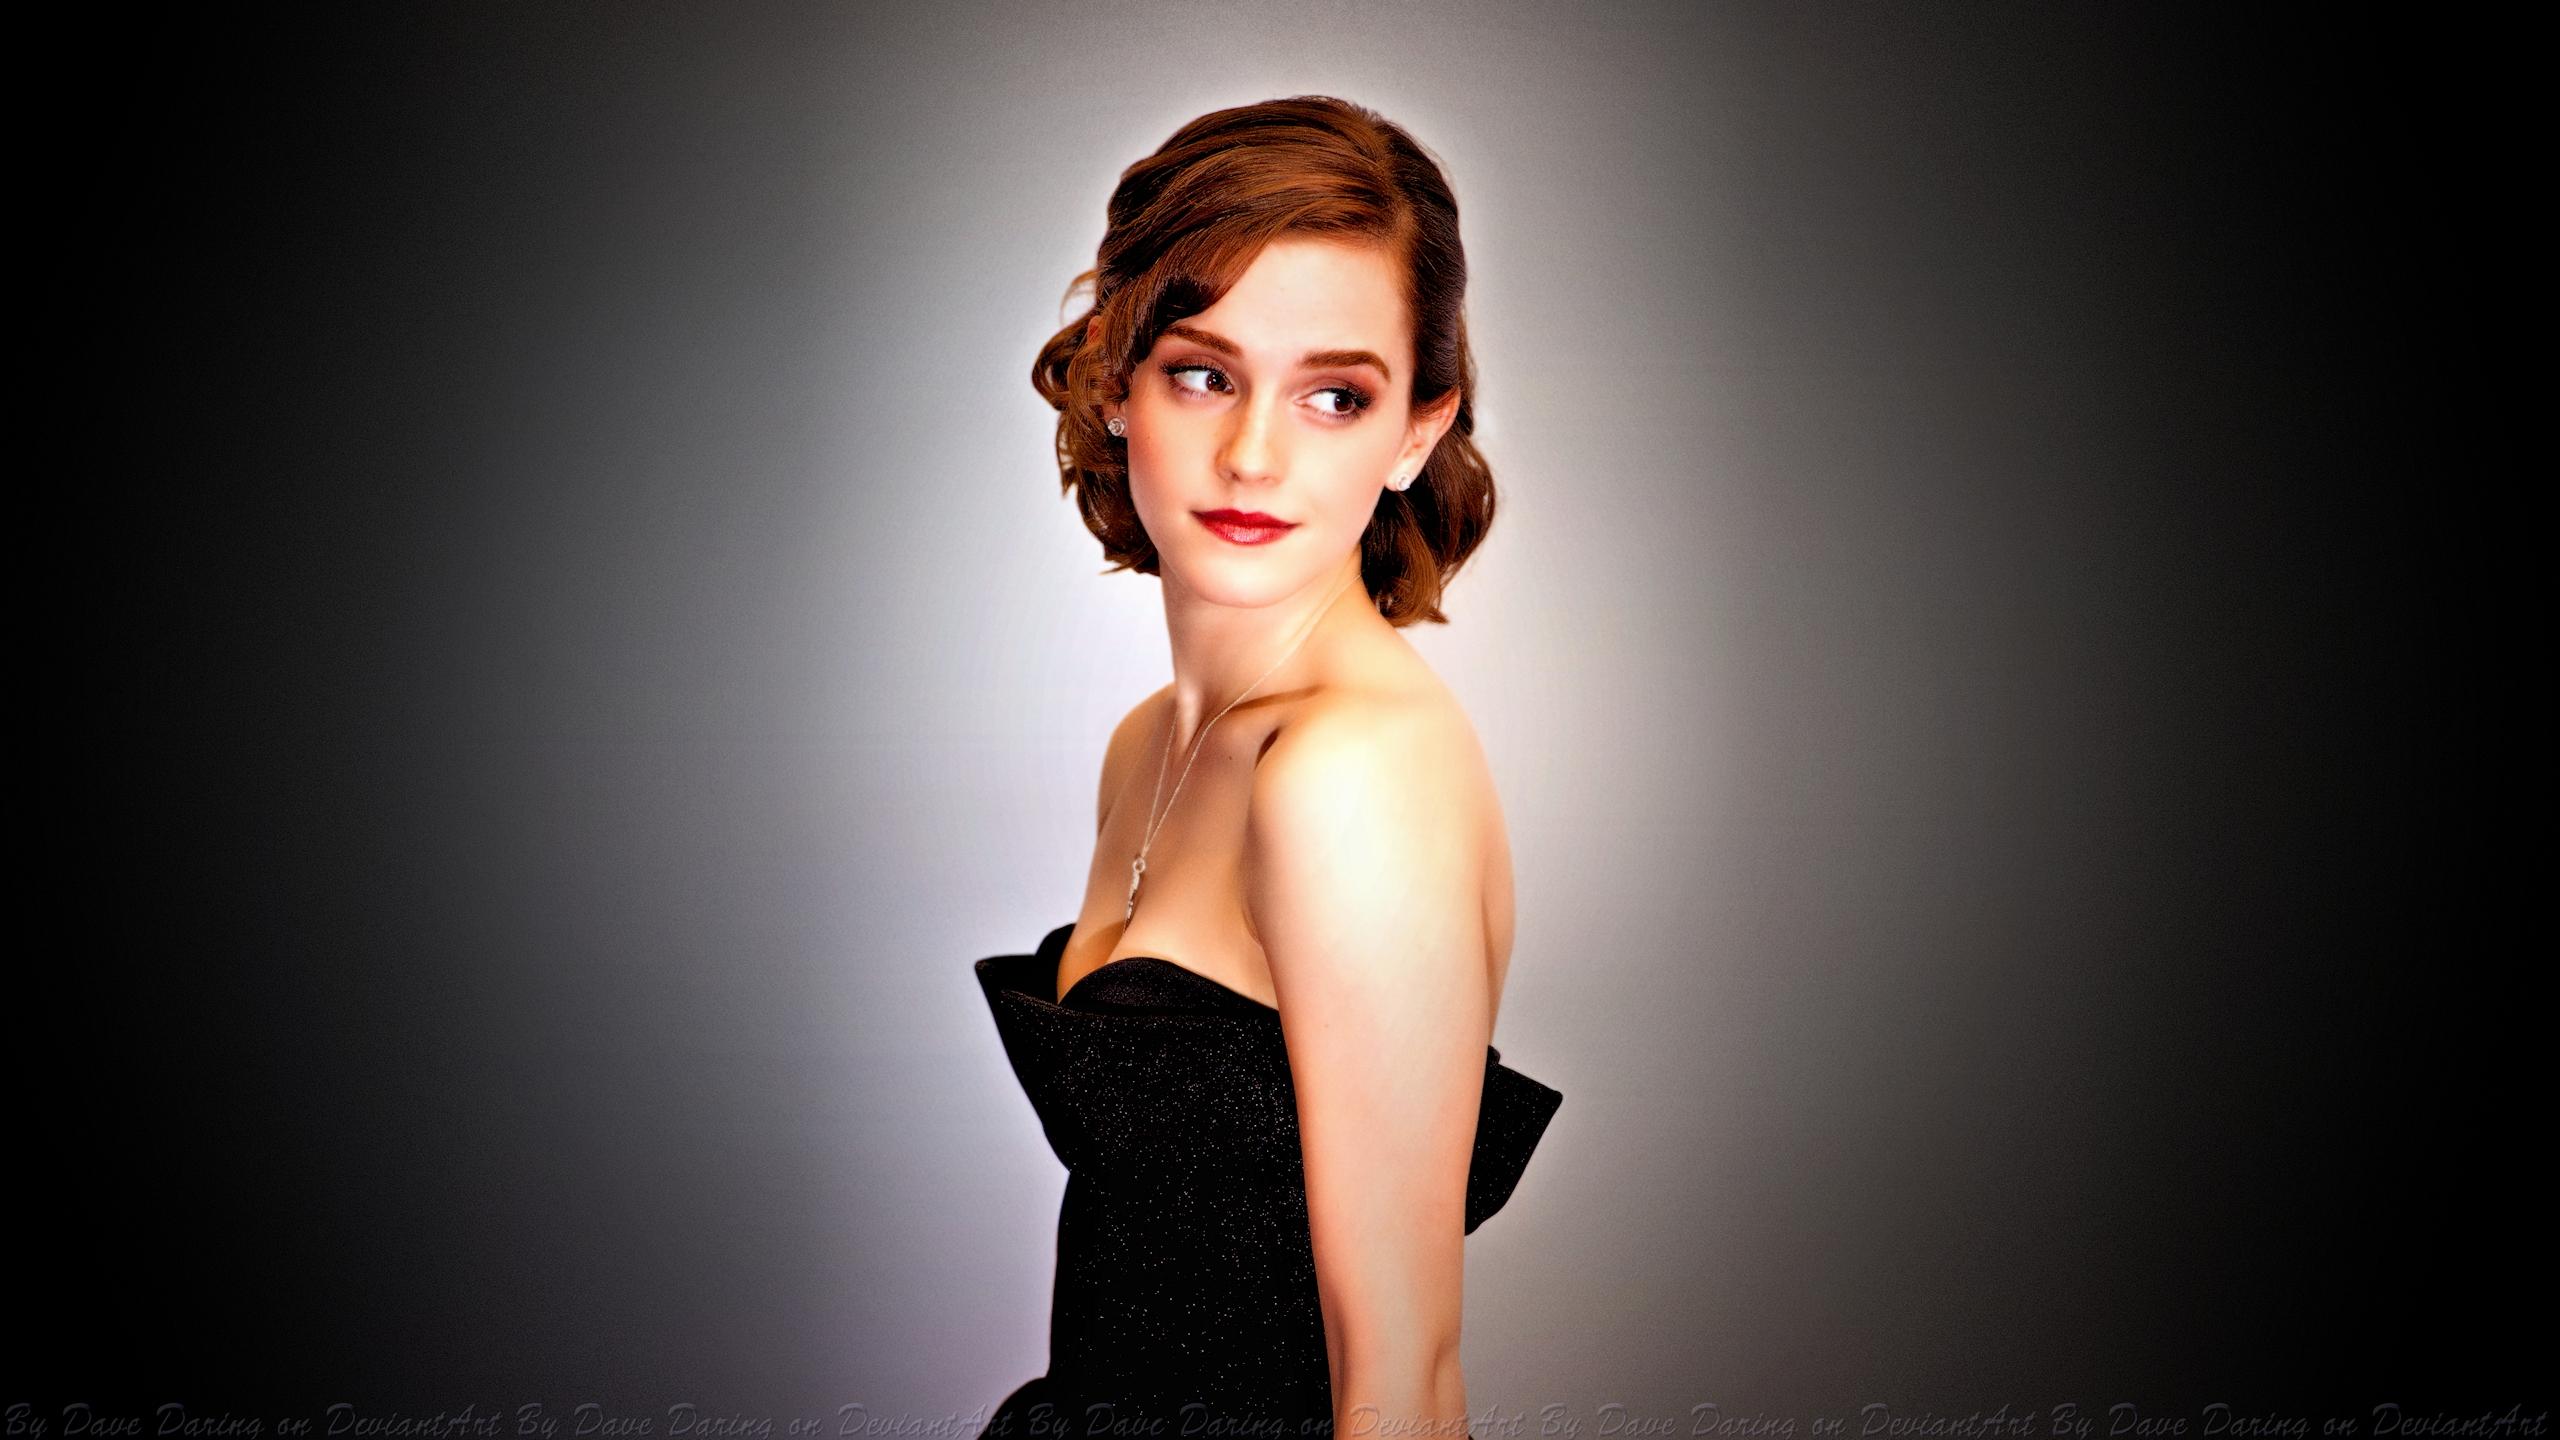 Emma-Watson-10-wallpapers--03.jpg